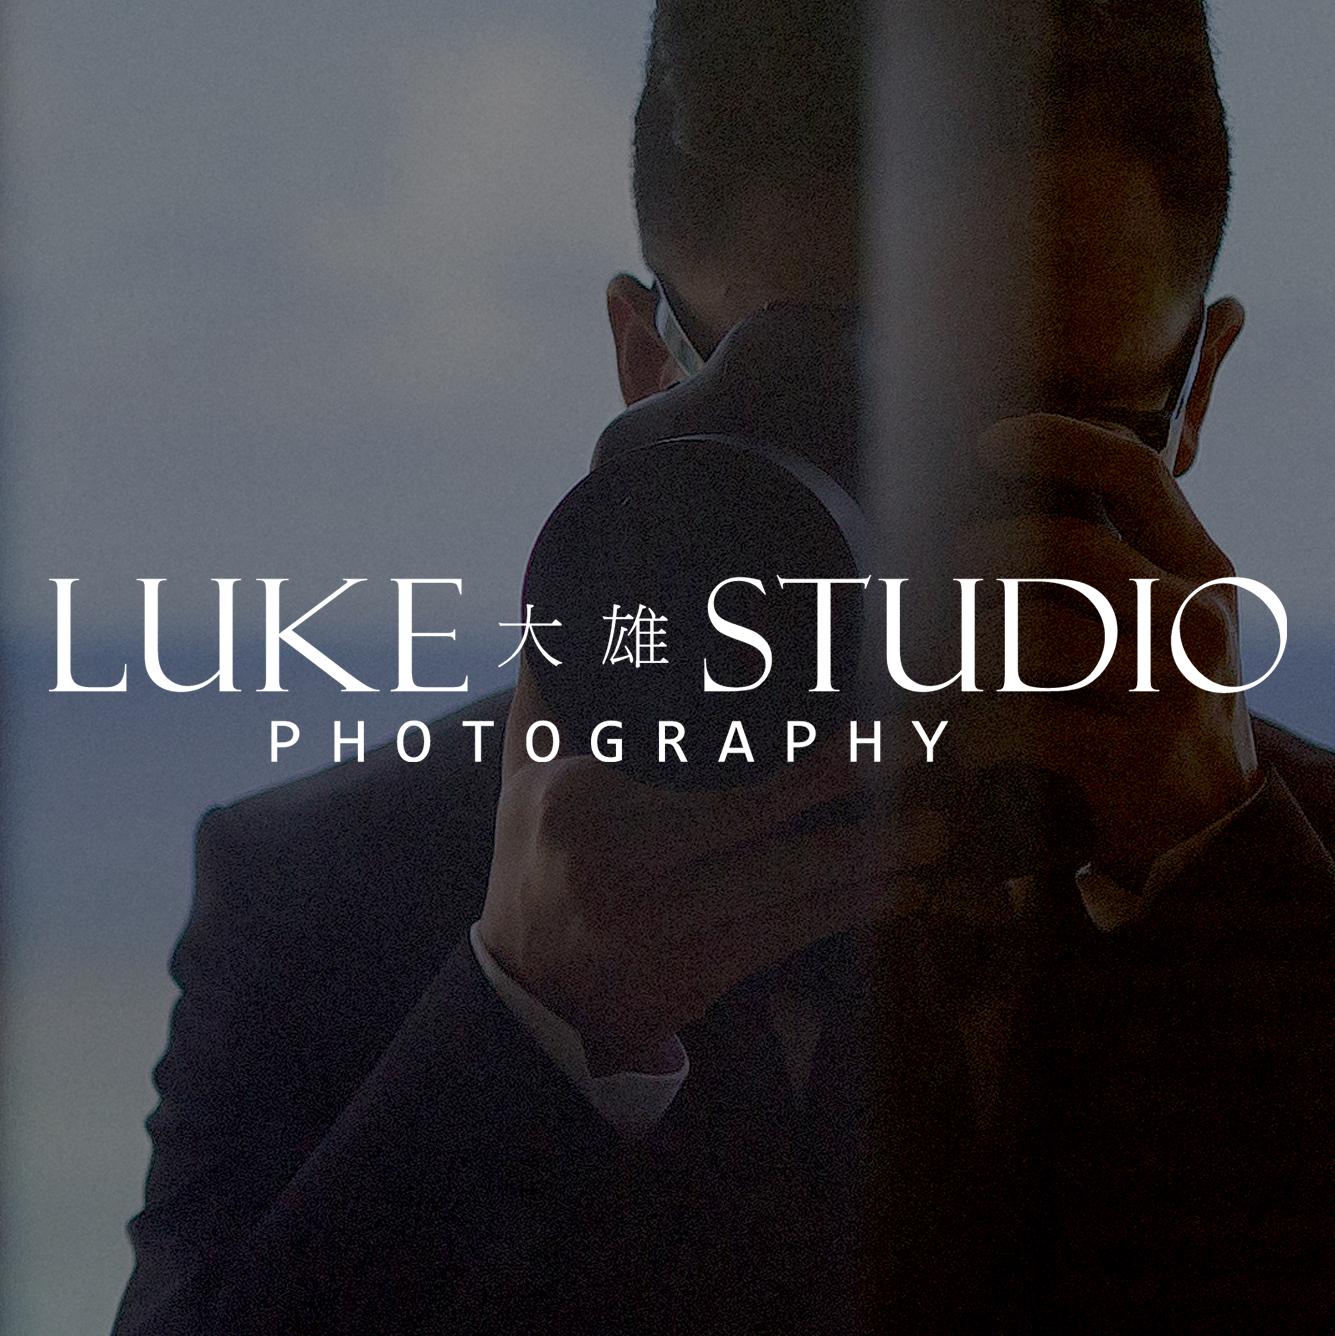 Luke大雄Studio婚禮記錄